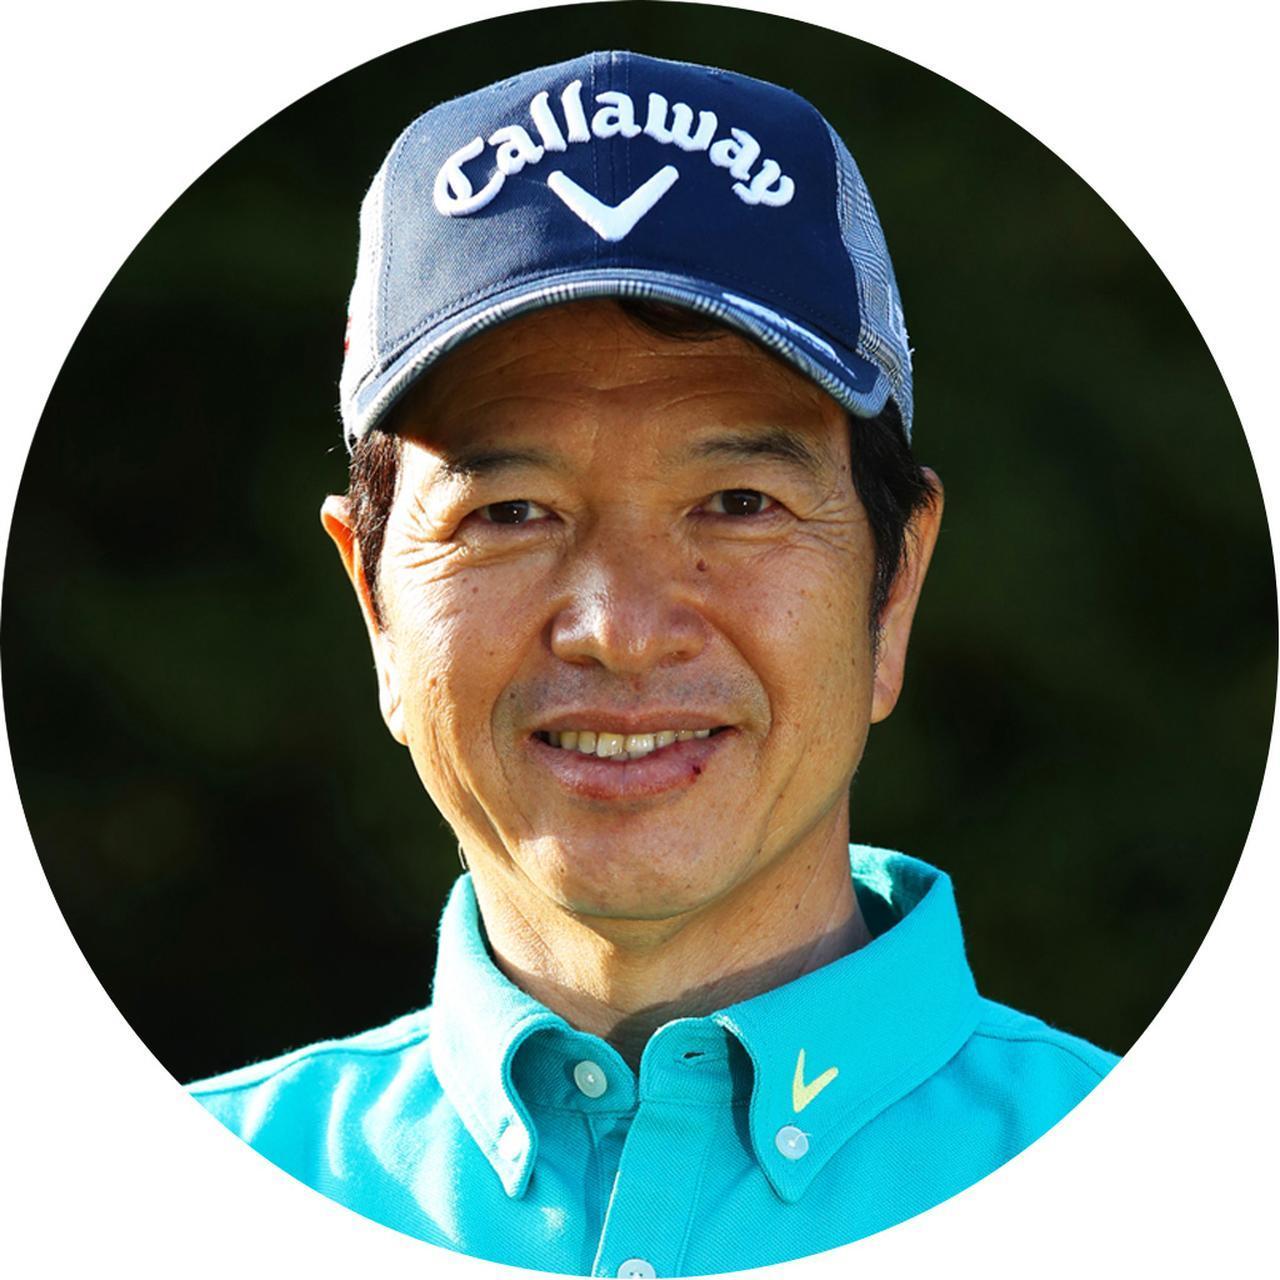 画像: 【解説】中村龍明プロ なかむらたつあき。1965年生まれ愛知県出身。米ツアーに参加したことがあり、海外のティーチングプロとも親しい。頭脳派プロ